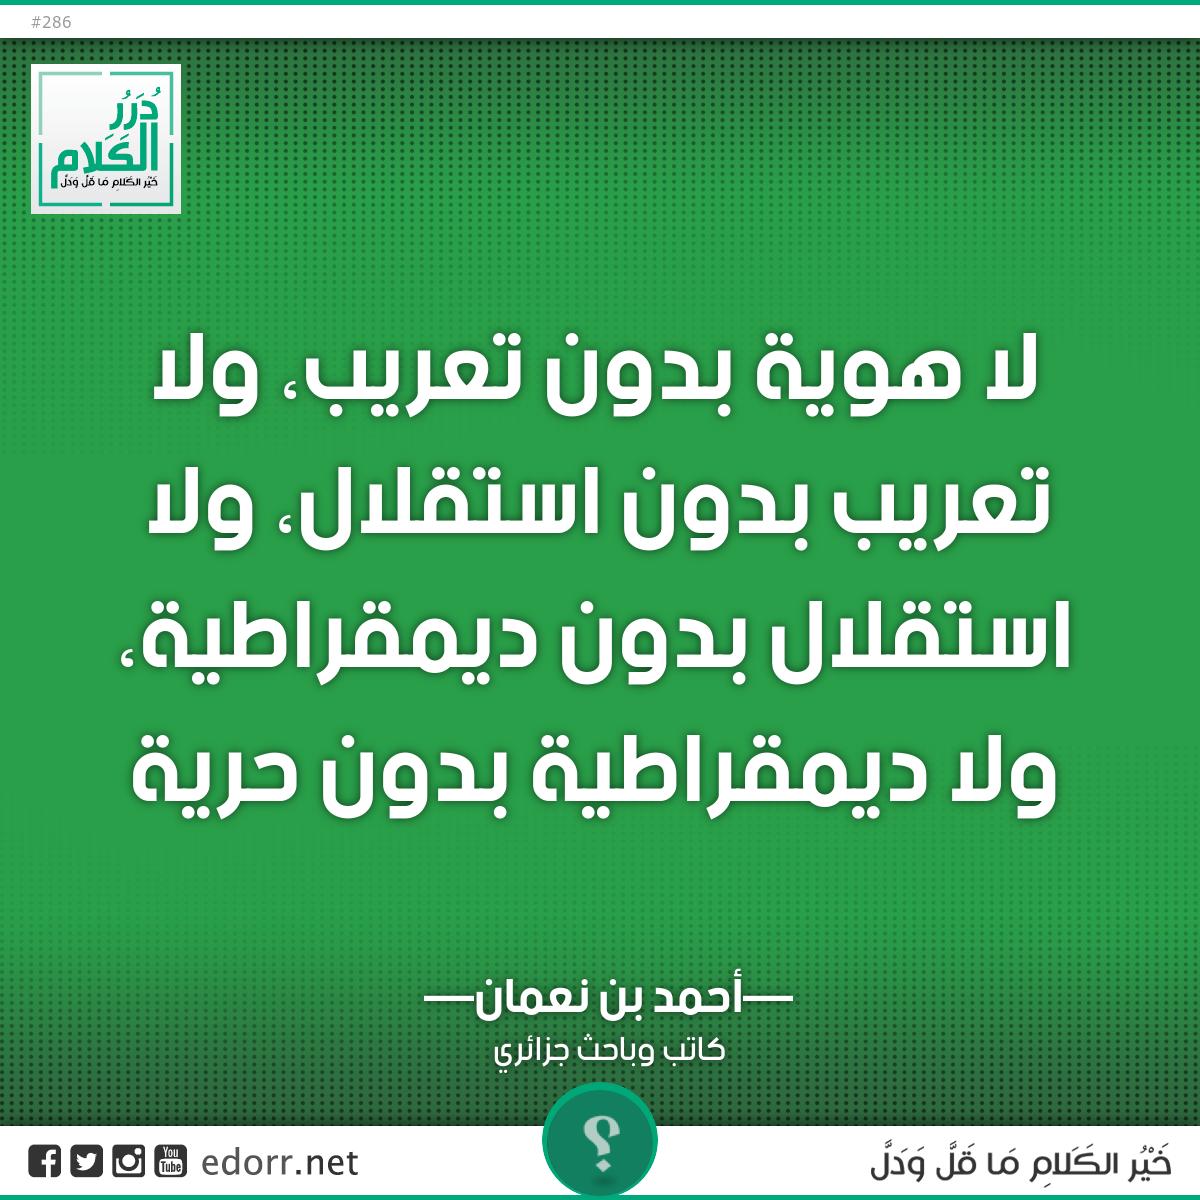 لا هوية بدون تعريب، ولا تعريب بدون استقلال، ولا استقلال بدون ديمقراطية، ولا ديمقراطية بدون حرية.